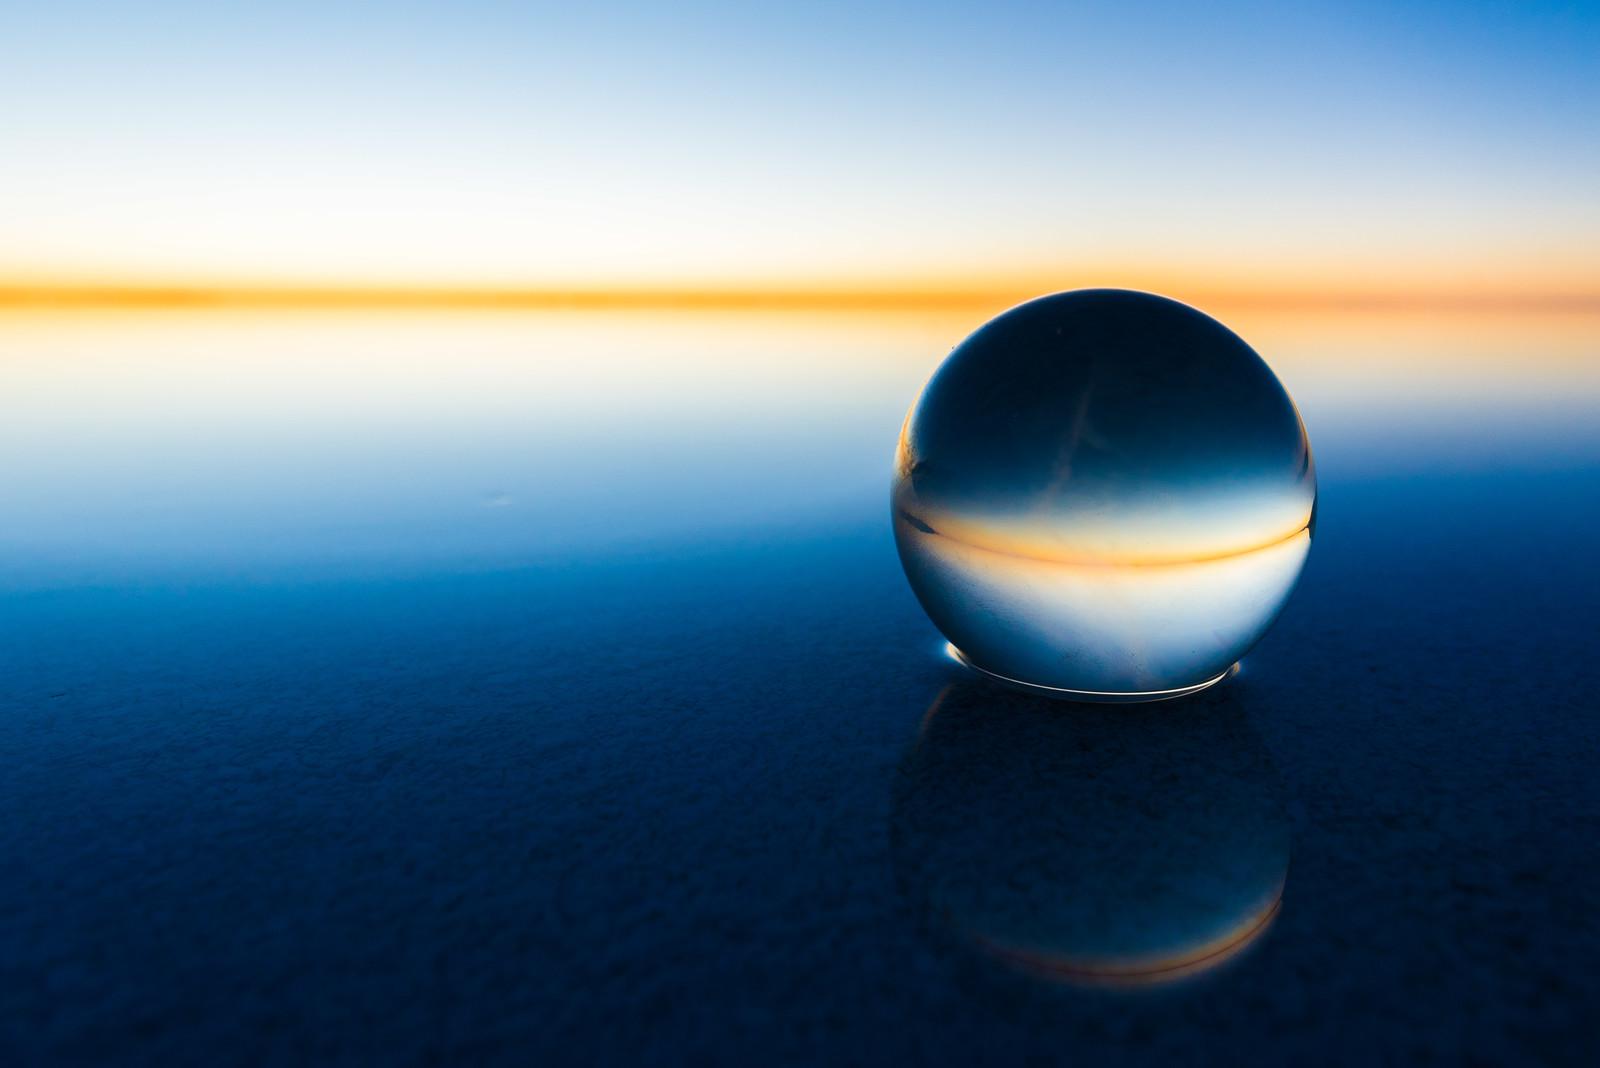 ウユニ塩湖と水晶